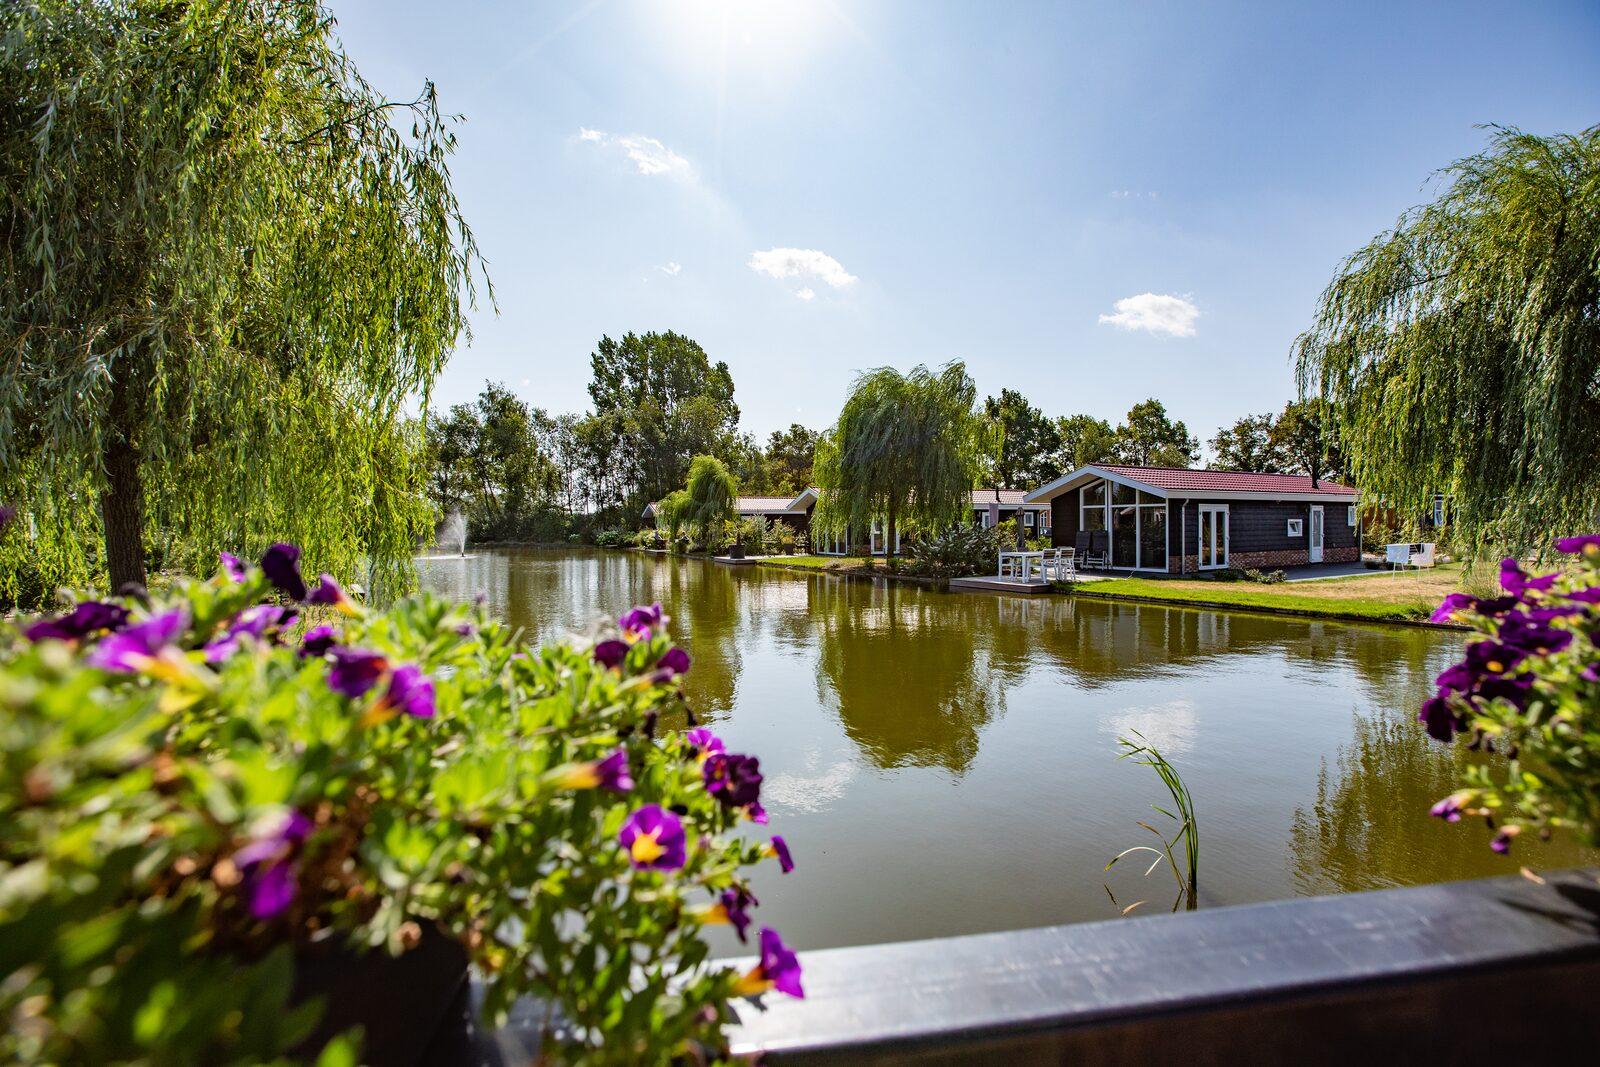 Parcs de vacances aux Pays-Bas